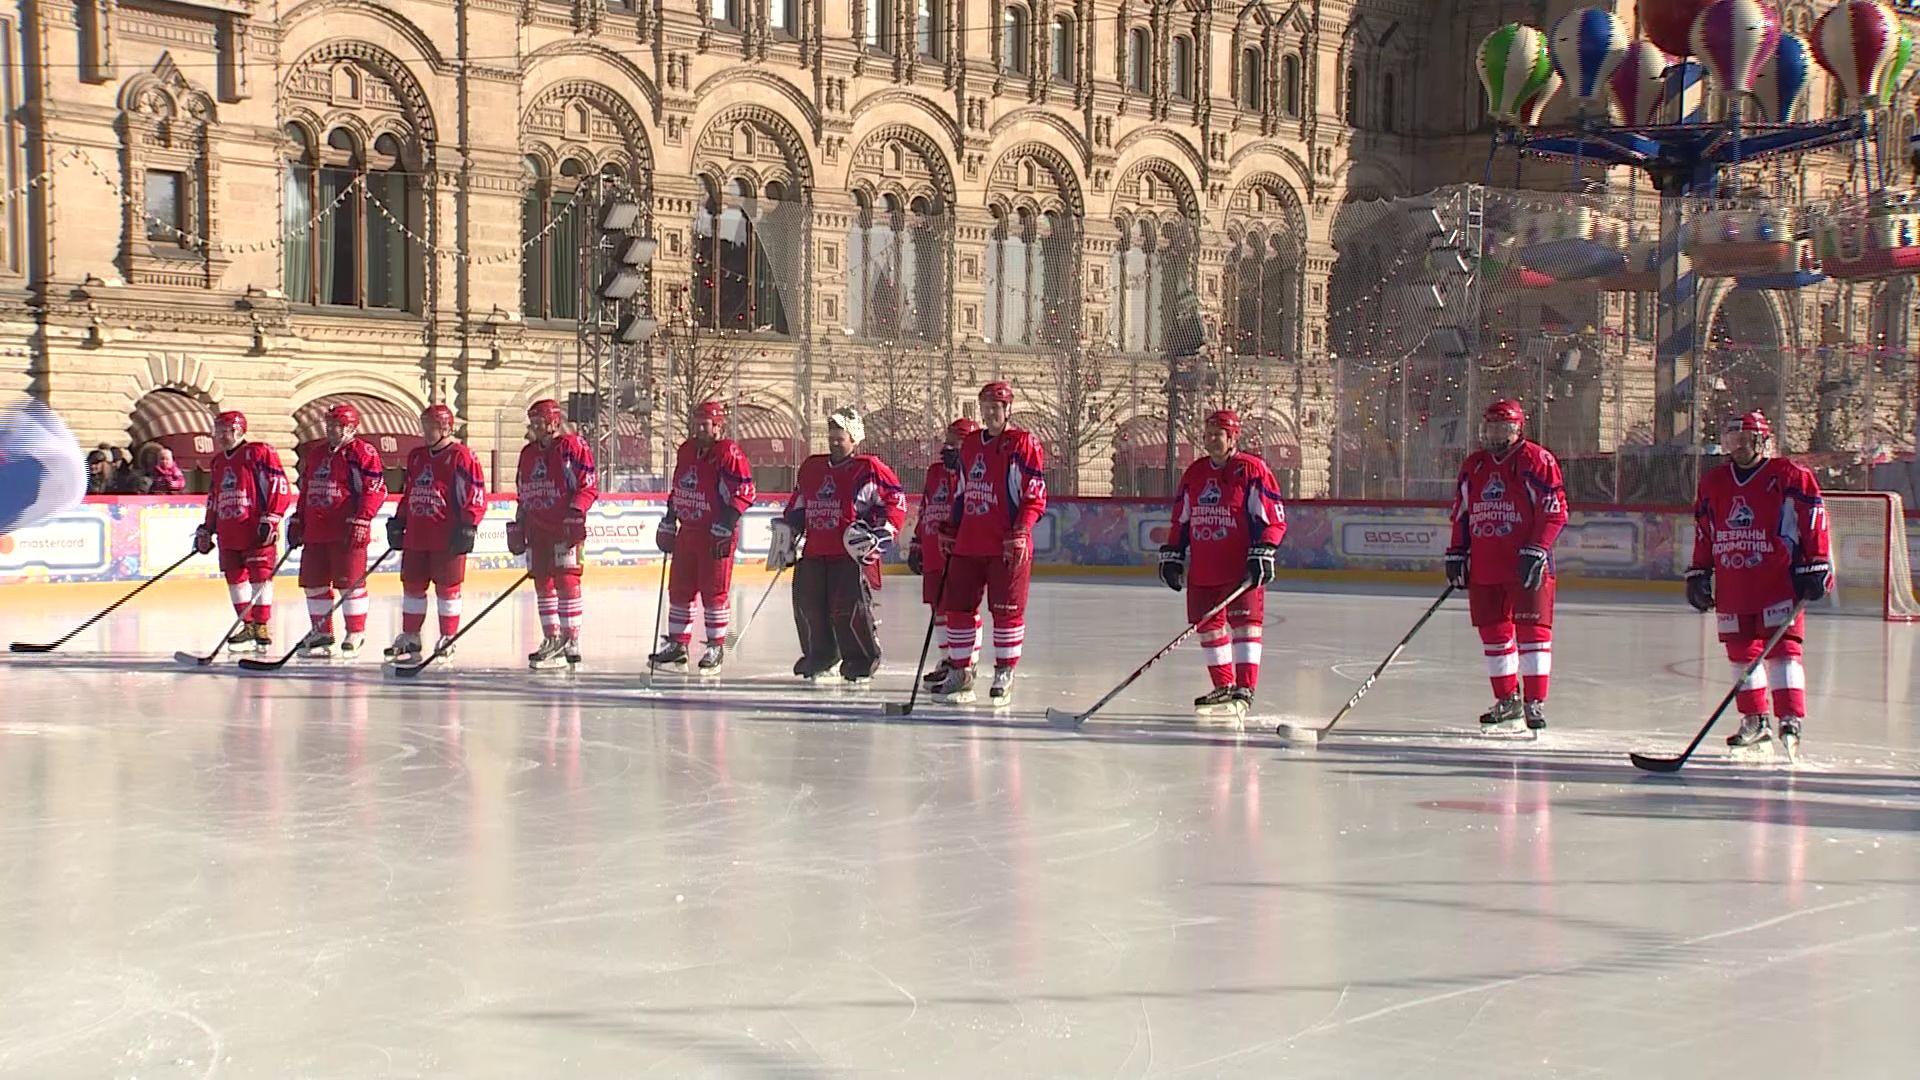 Дмитрий Миронов принял участие в хоккейном матче против рыбинского «Полета» на Красной площади в Москве